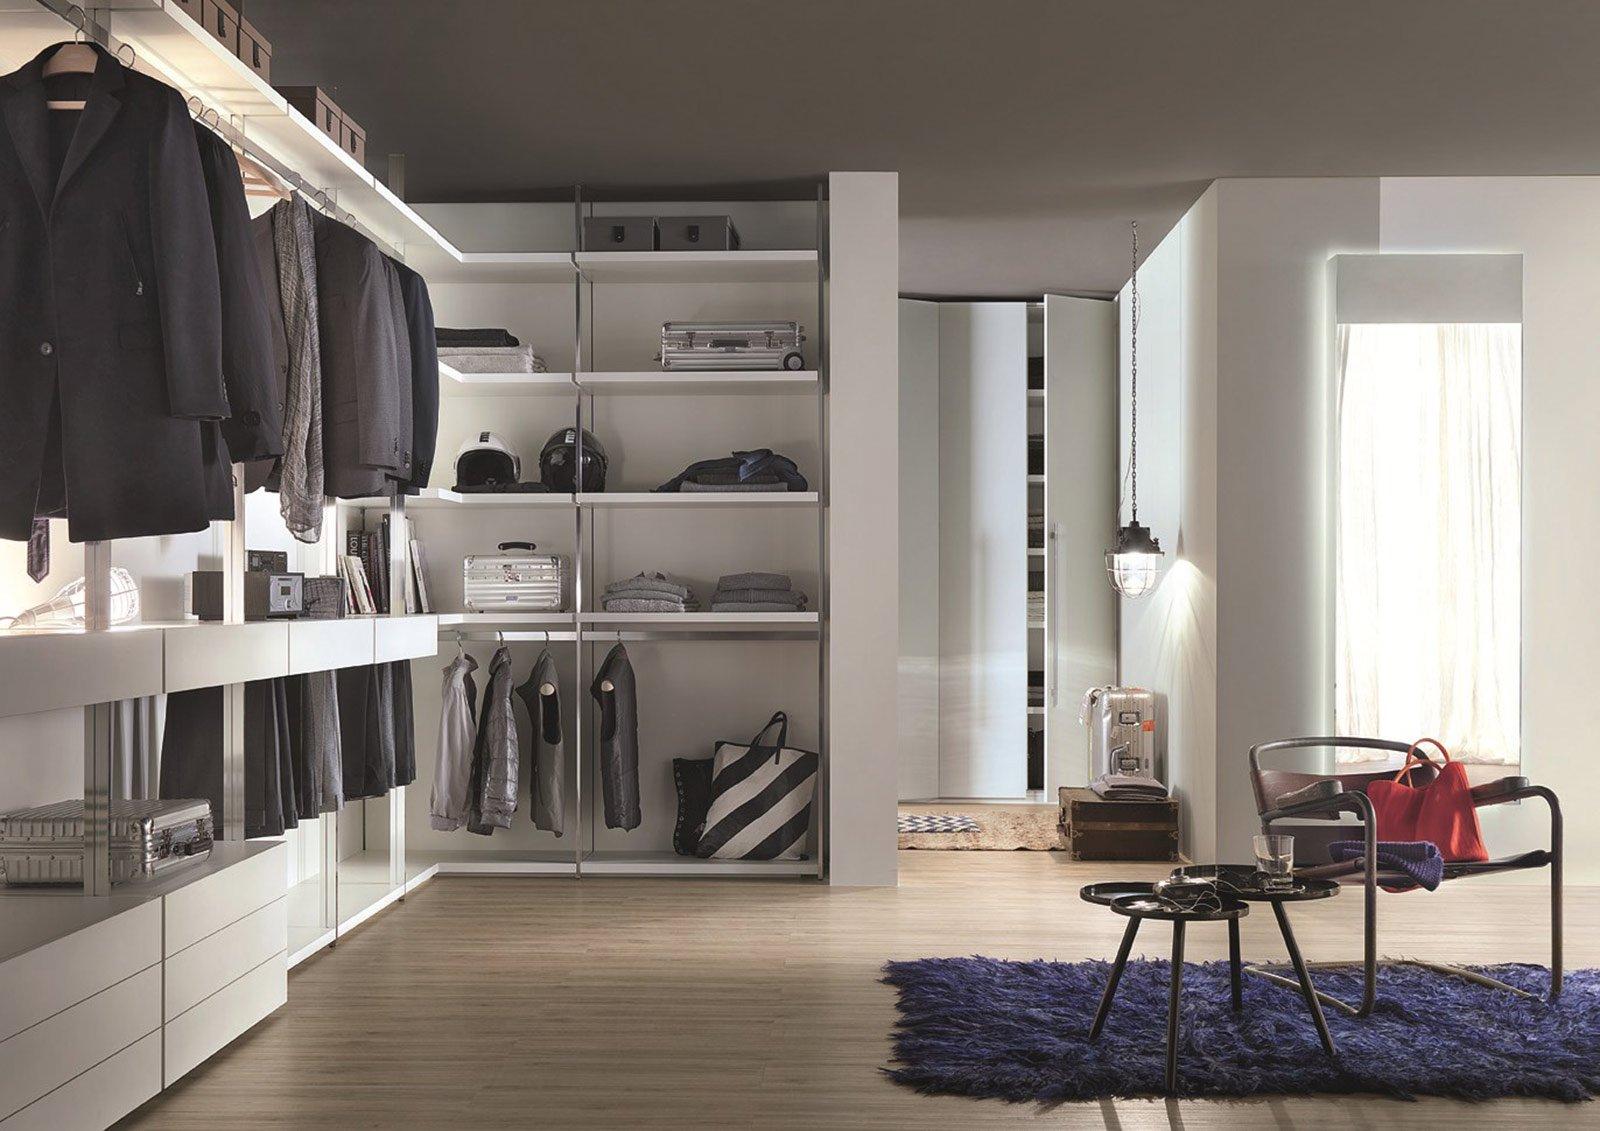 Cabine armadio progettiamo insieme lo spazio cose di casa - Armadi da soggiorno ...